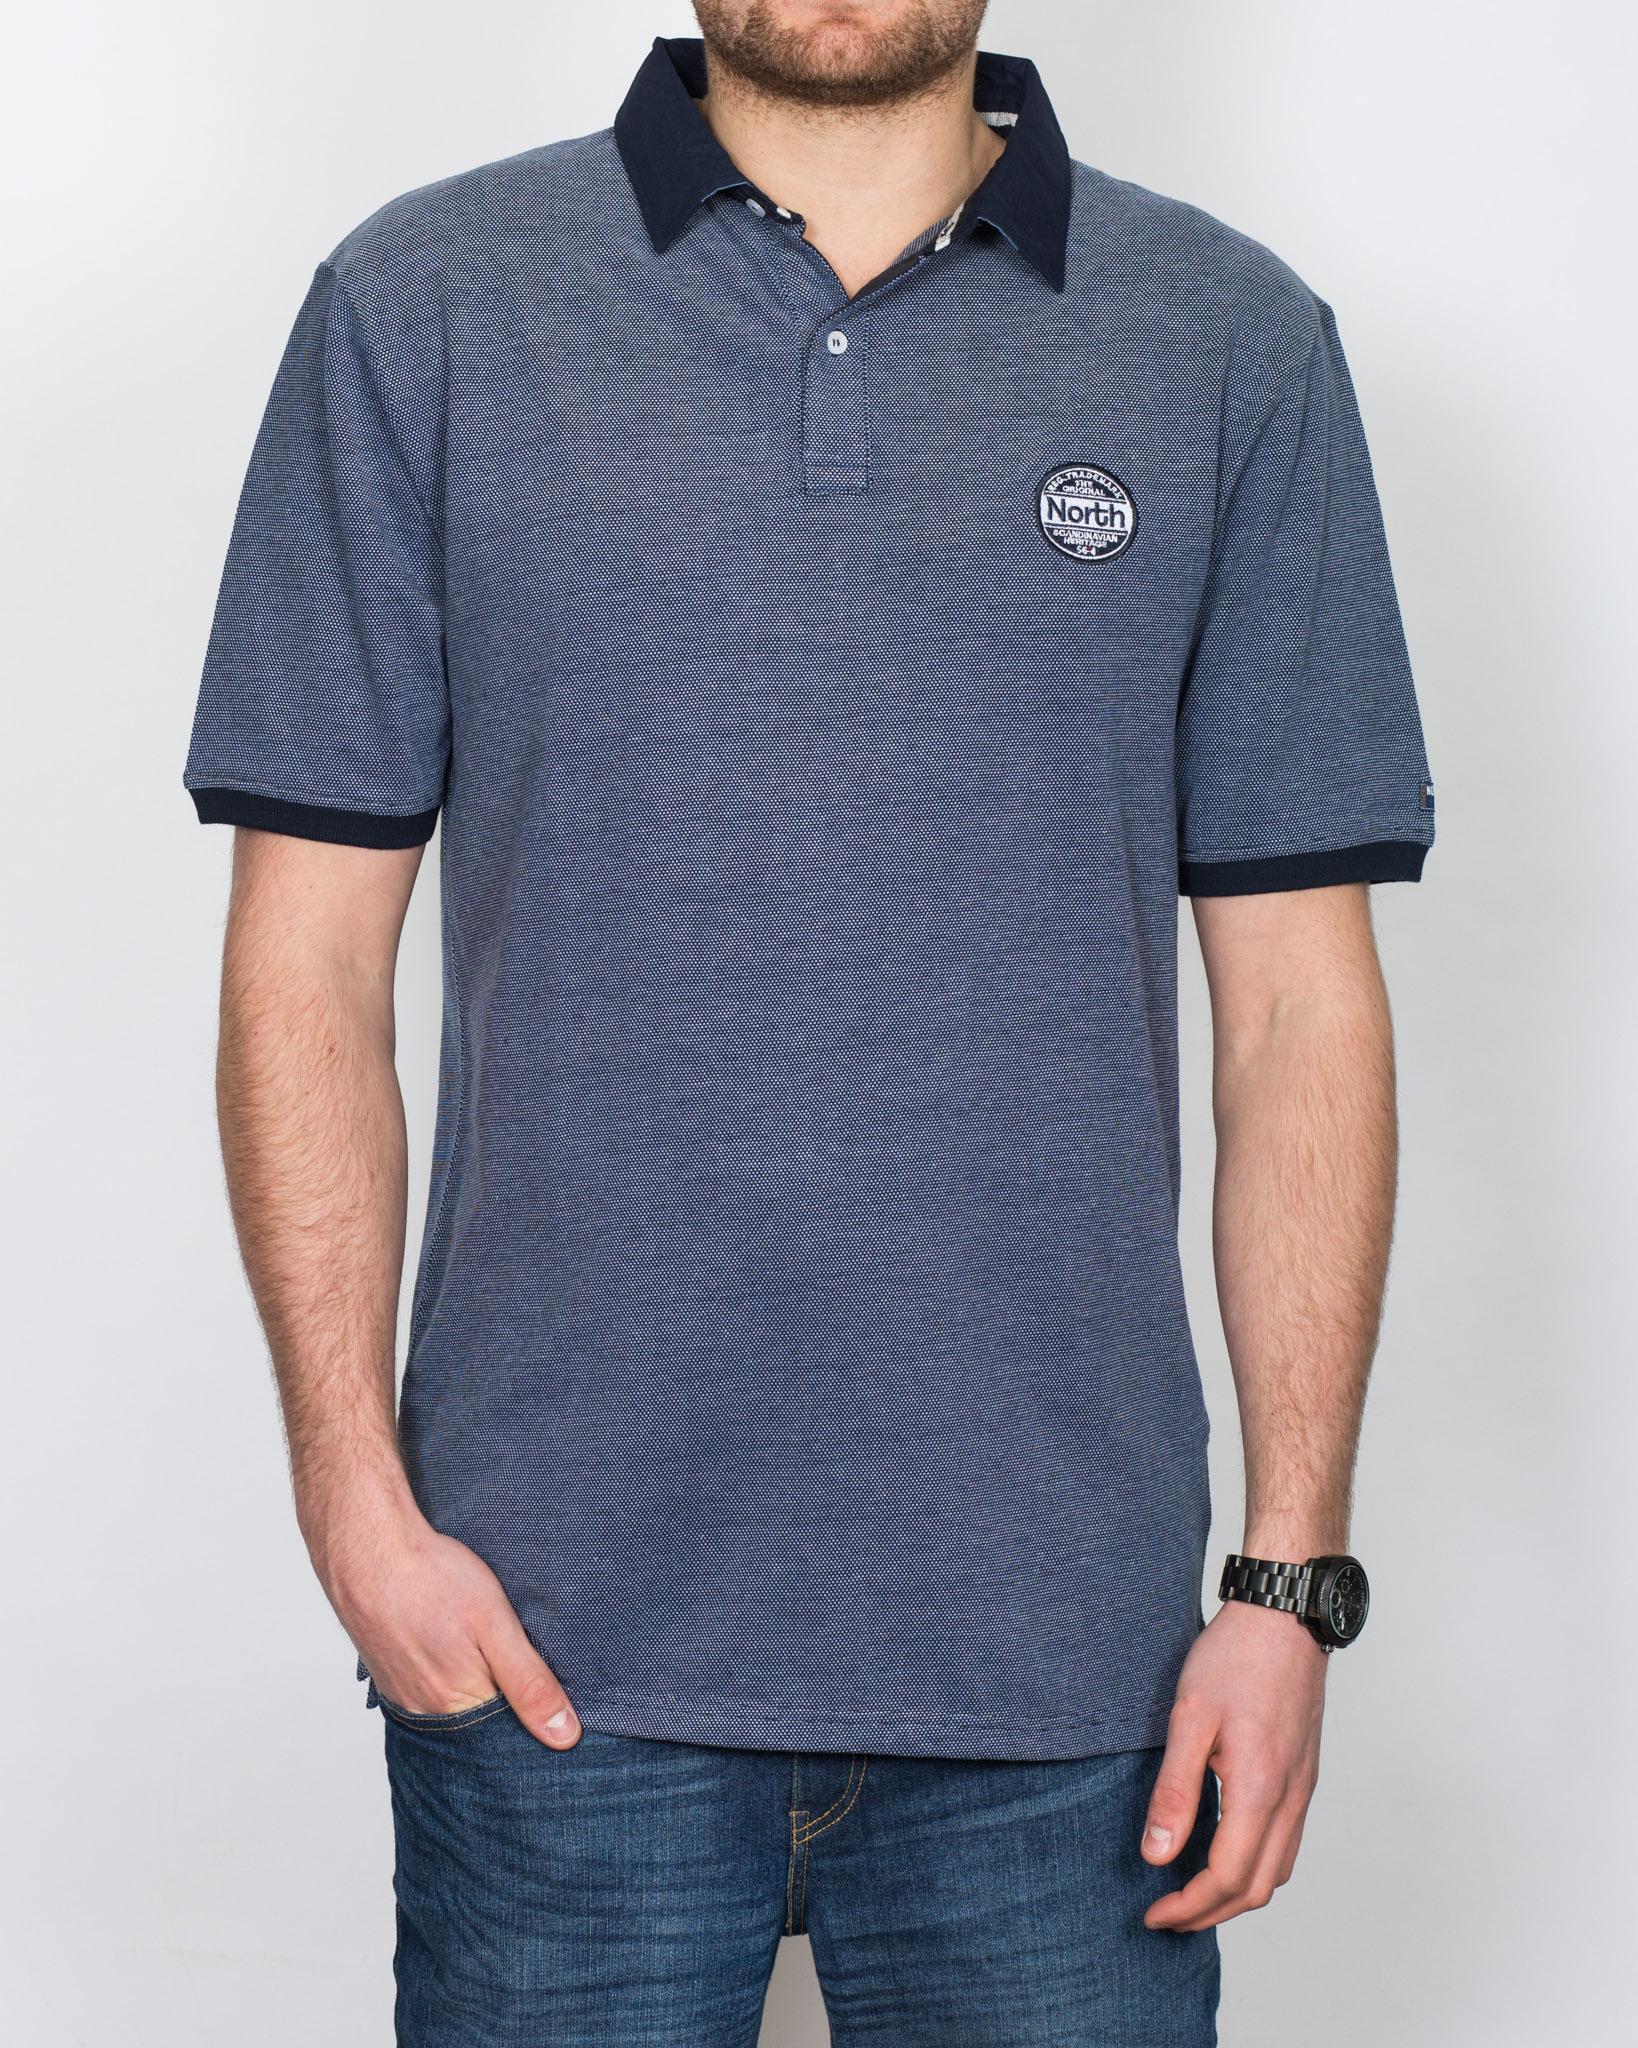 North 56 Tall Polo Shirt (denim)